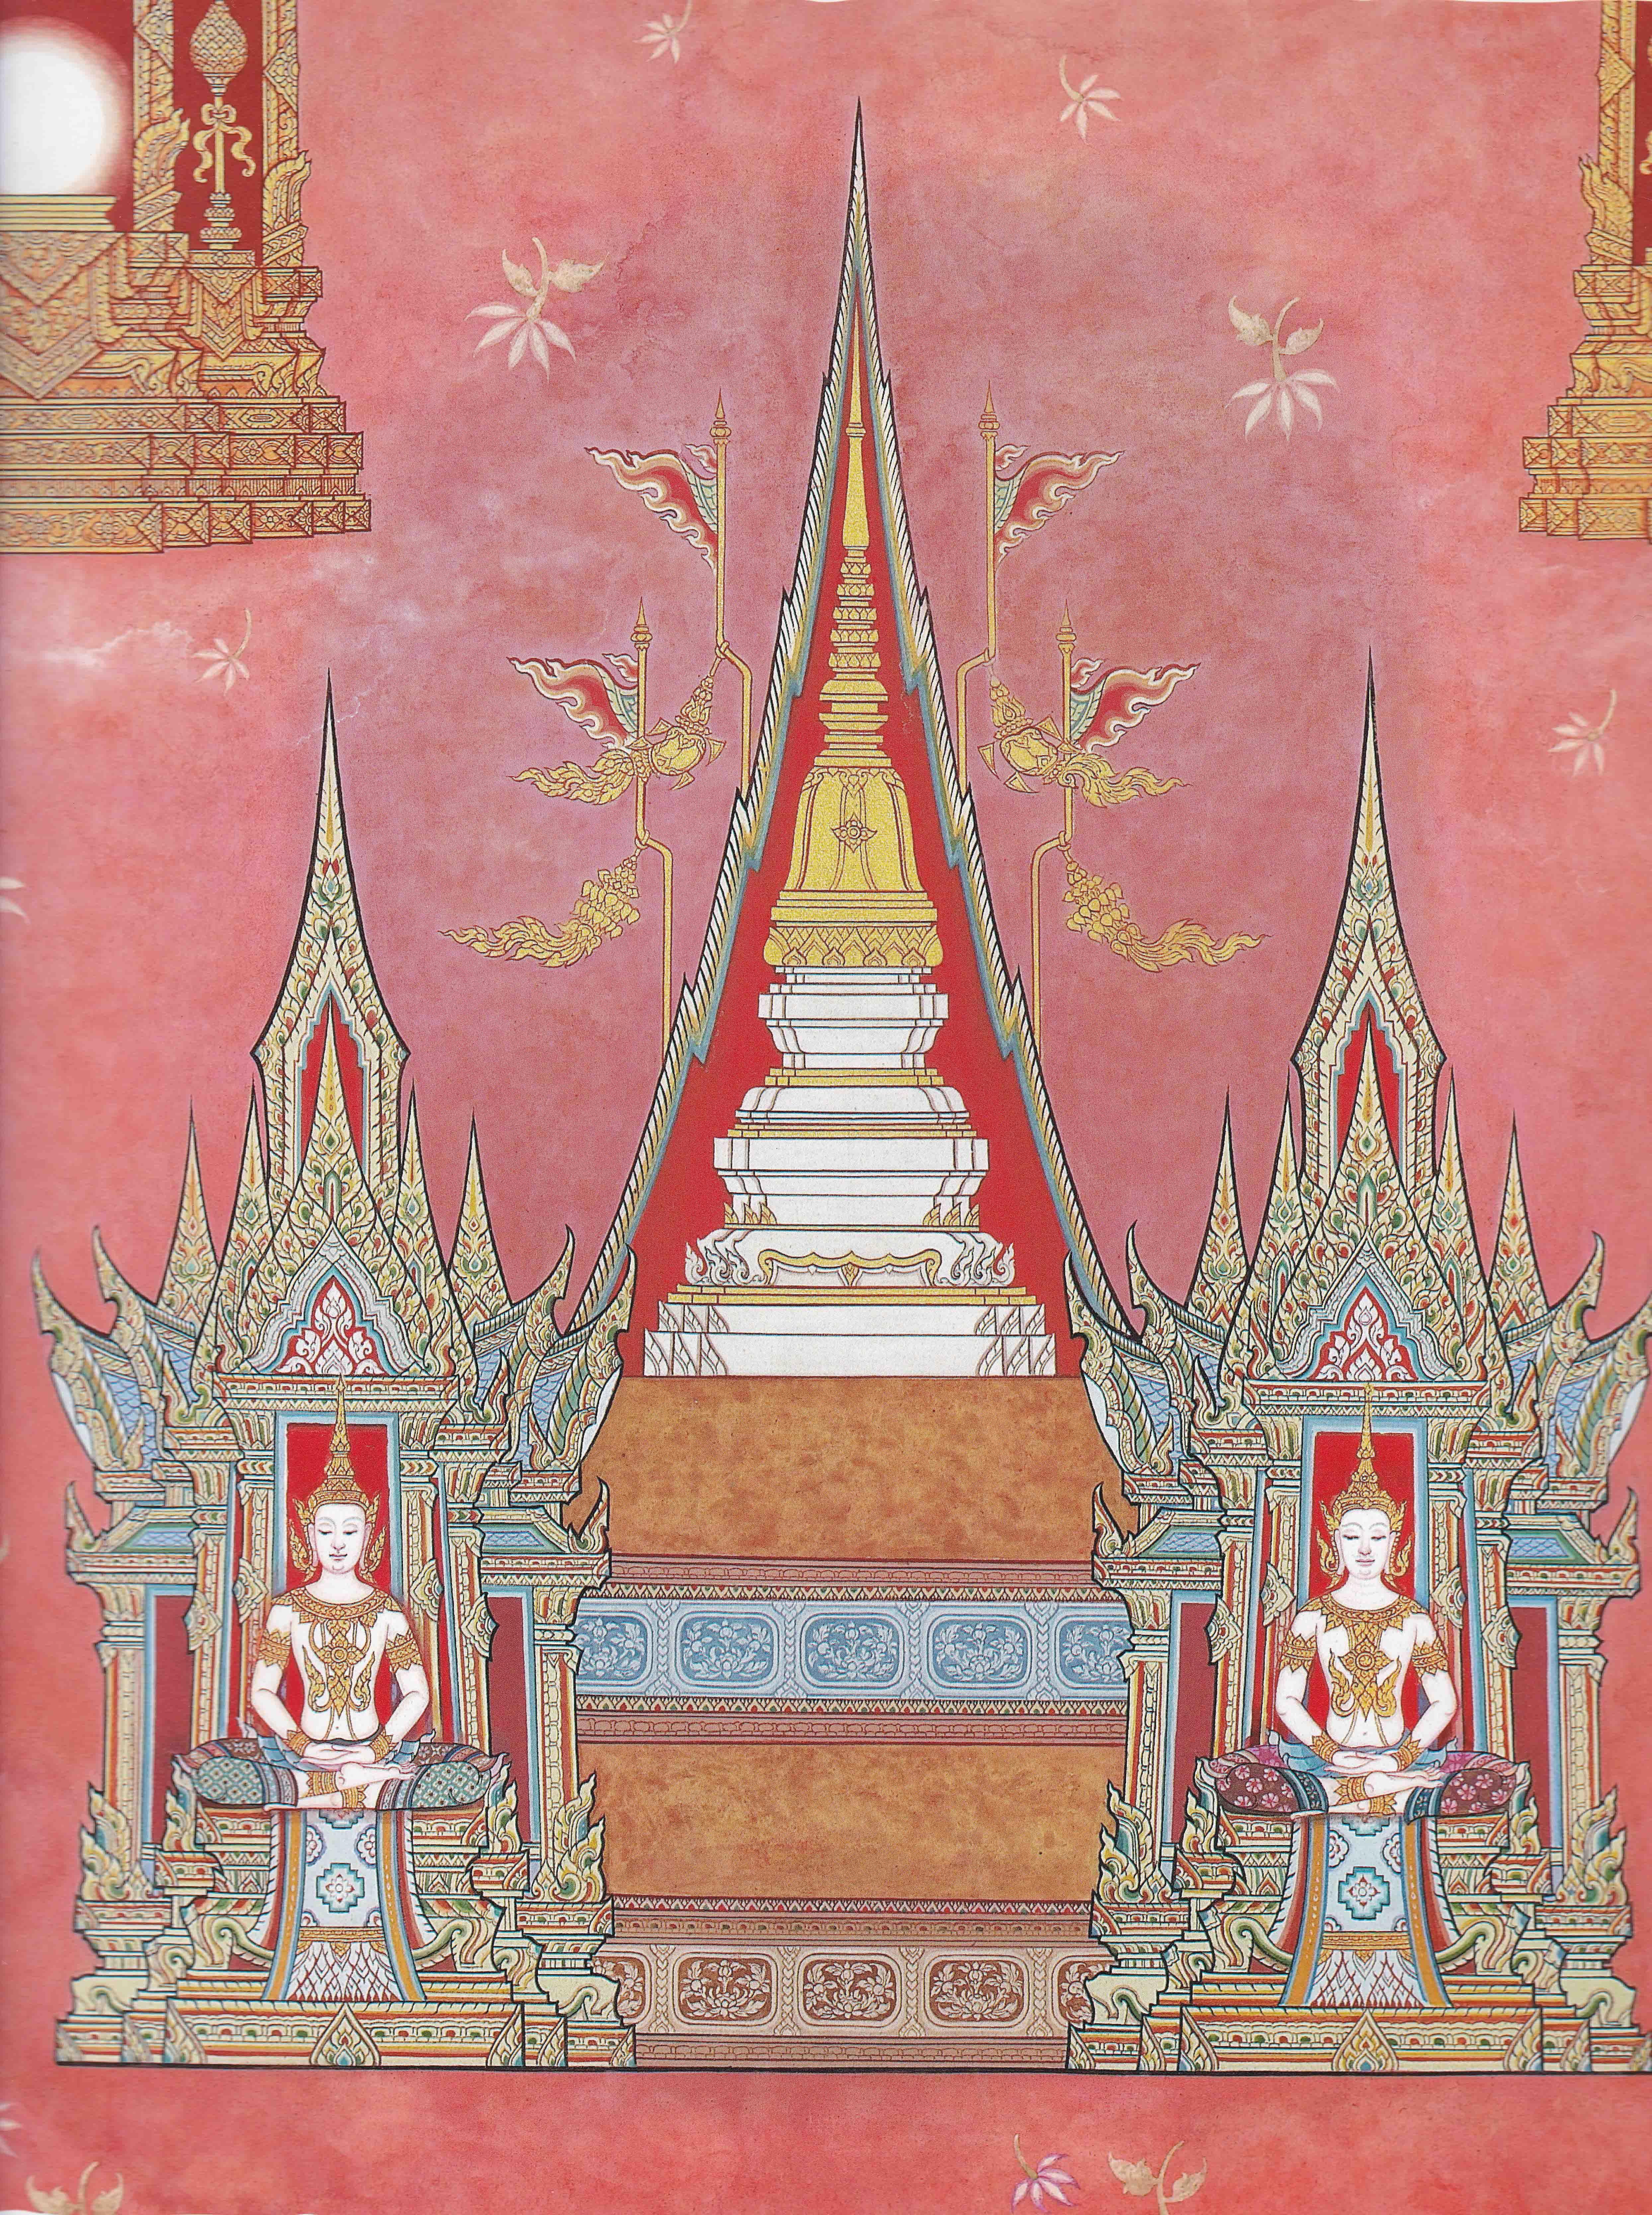 ช นท 16 อกน ฏฐส ทธาวาสภ ม ร ปพรหมข นจต ตถฌาณภ ม 7 ช น พระท สเจด ย บนช นอกน ฏฐาพรหม ท มาร ป หน งส อไตรภ ม กถา ฉบ บร ชก ศ ลปะไทย ศ ลปะคาแรคเตอร ภาพวาด